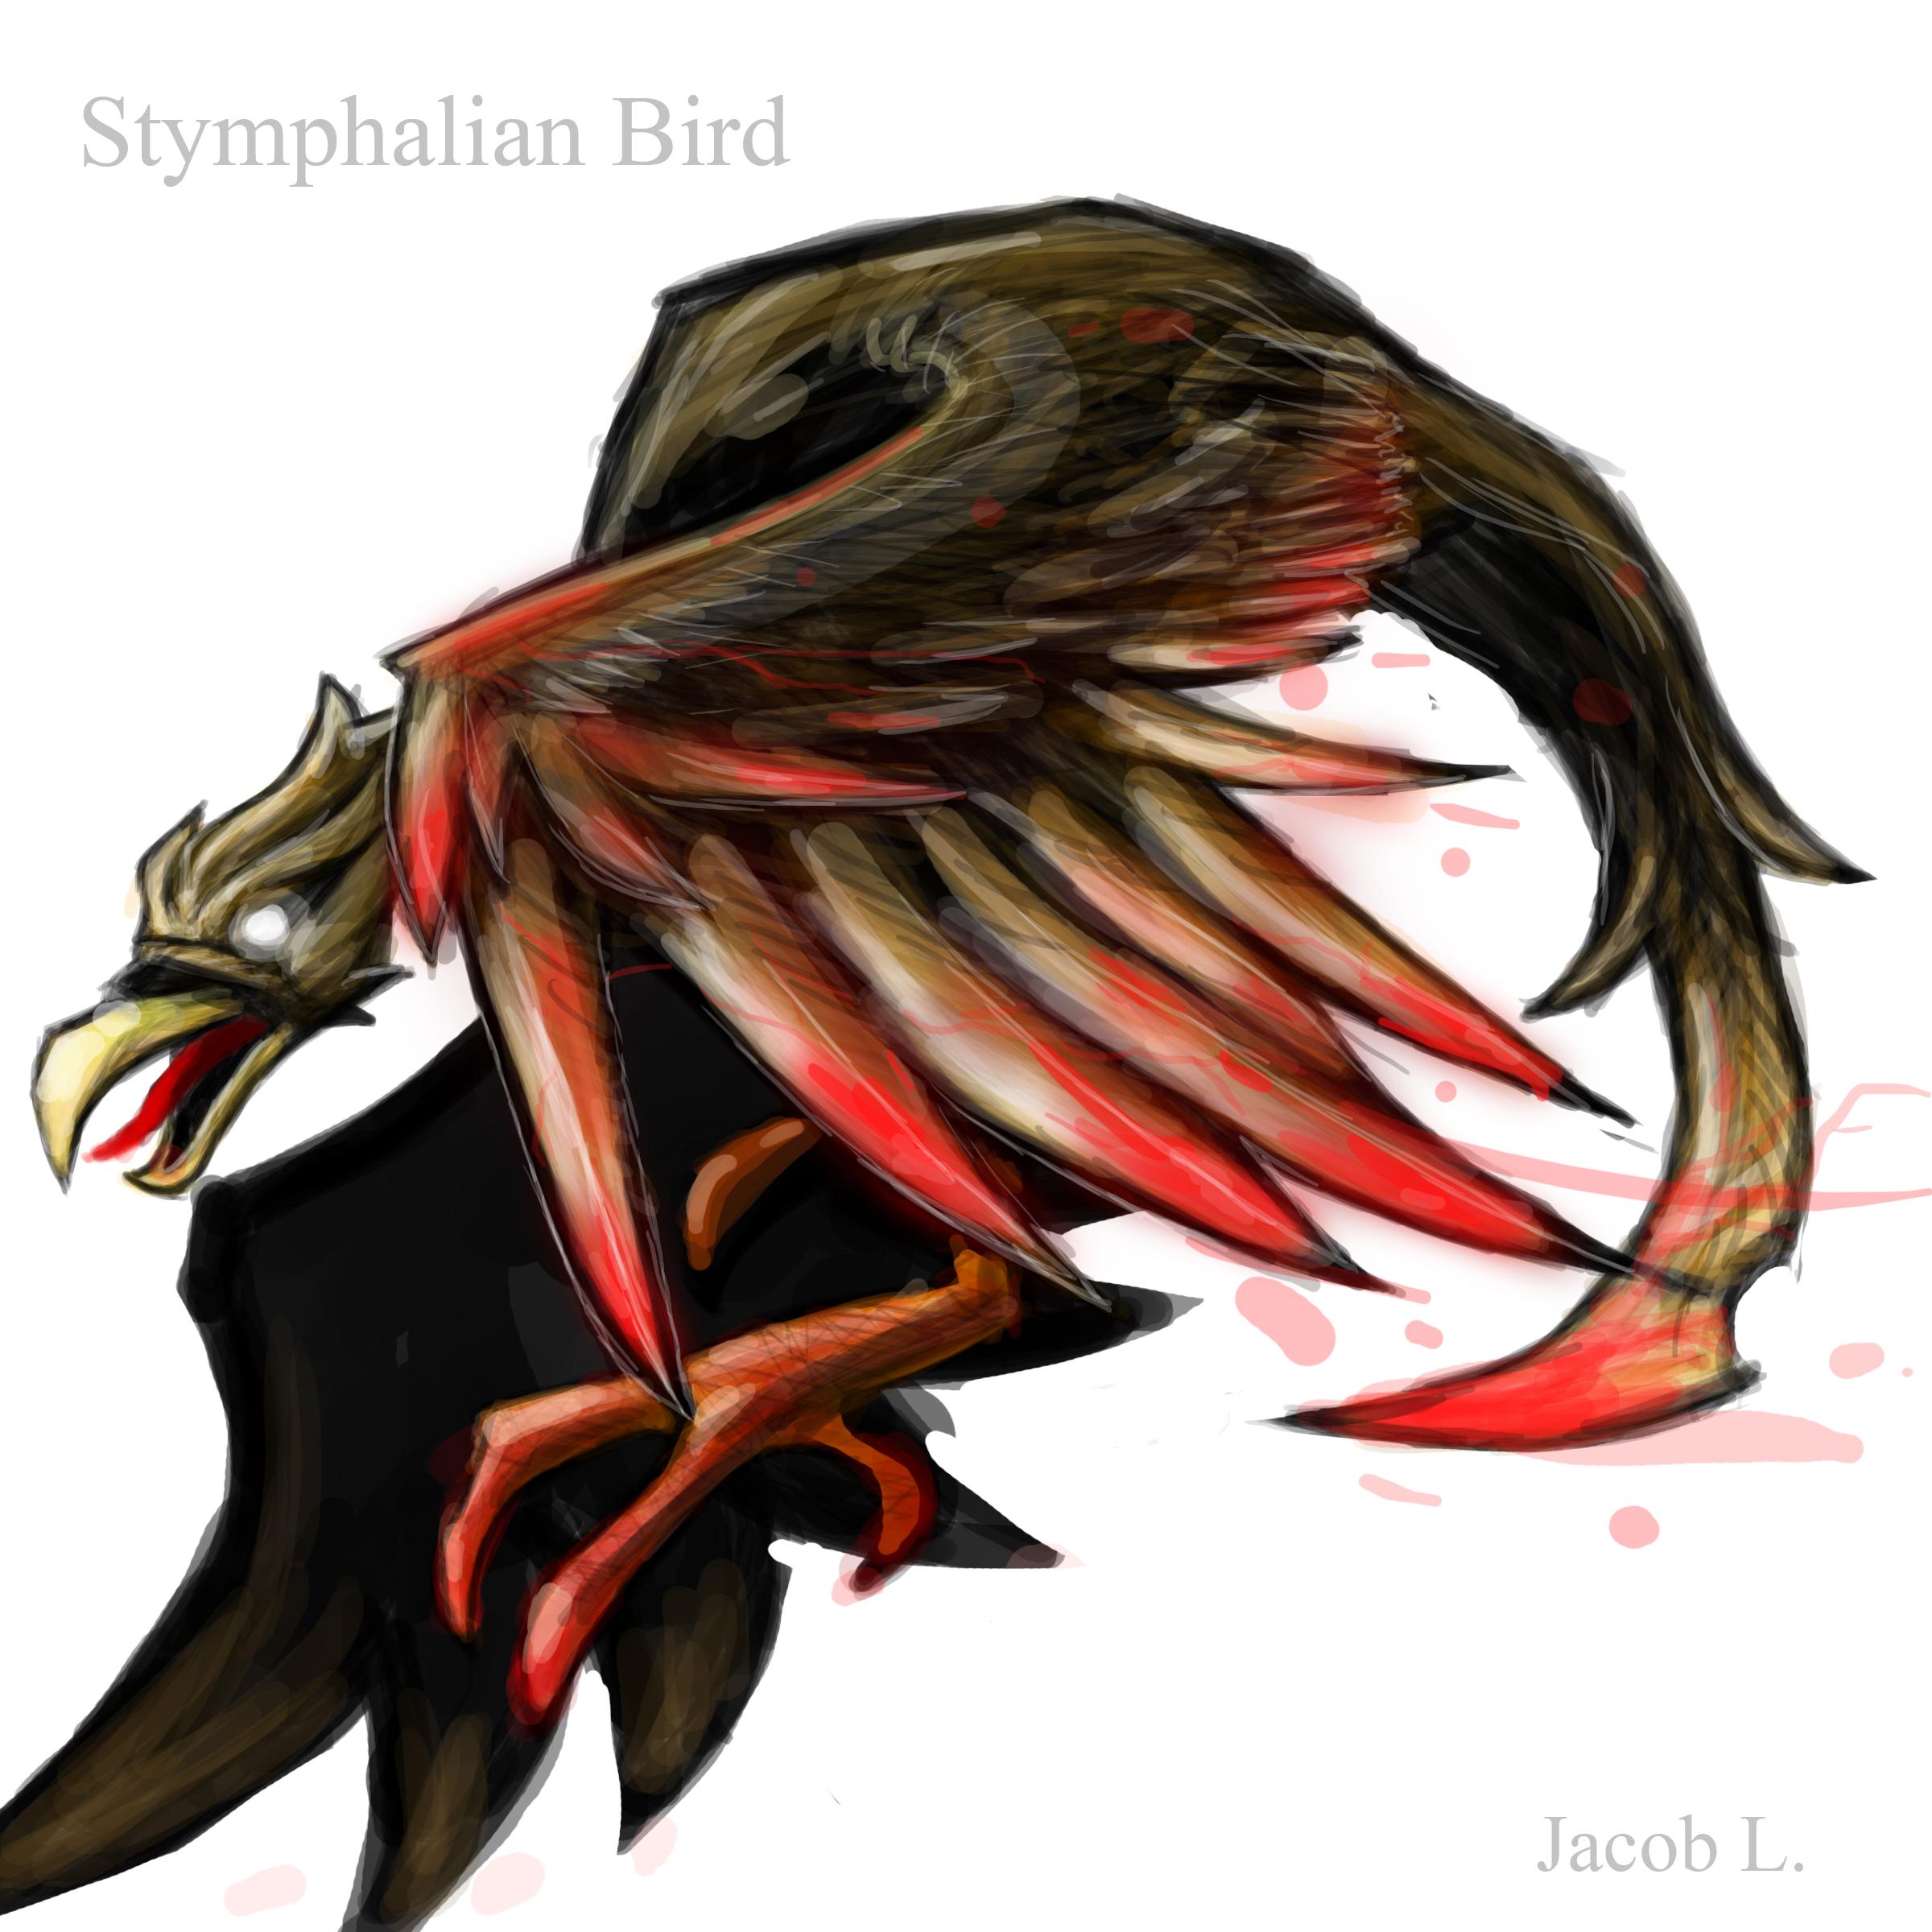 Stym_Bird_2_jacob.jpg